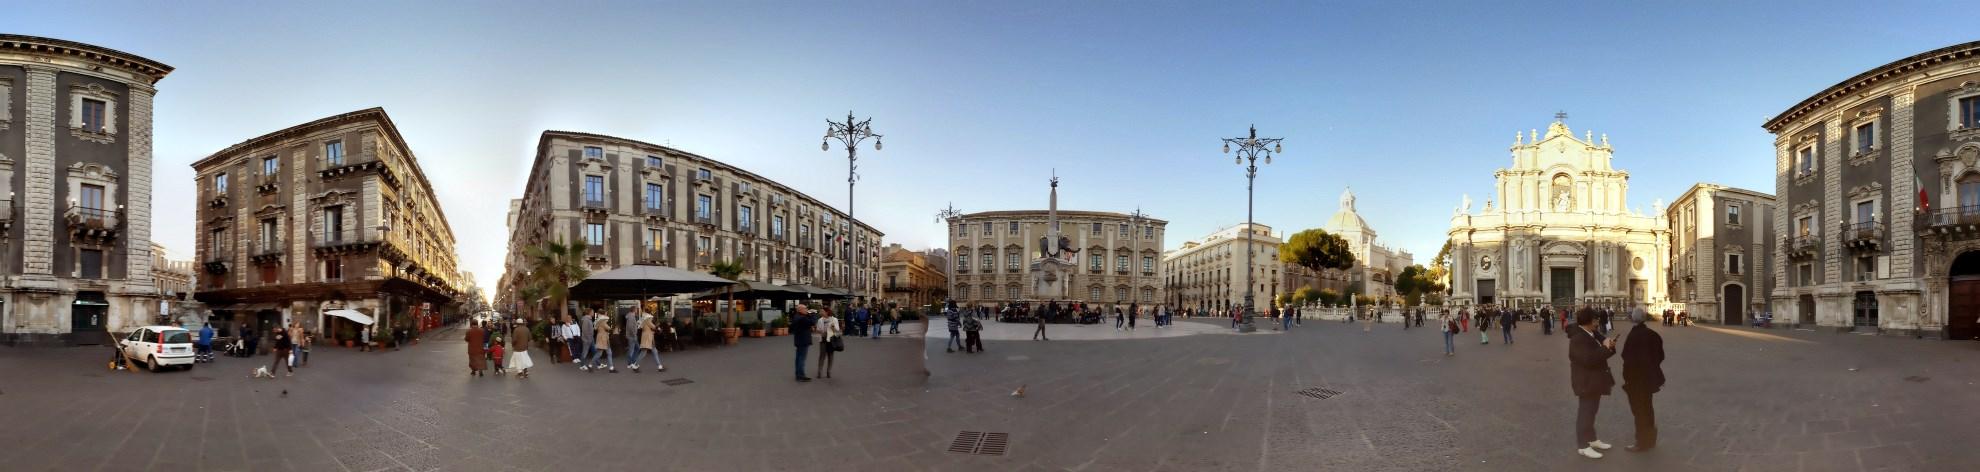 casa-olimpia-piazza-duomo-catania-primavera